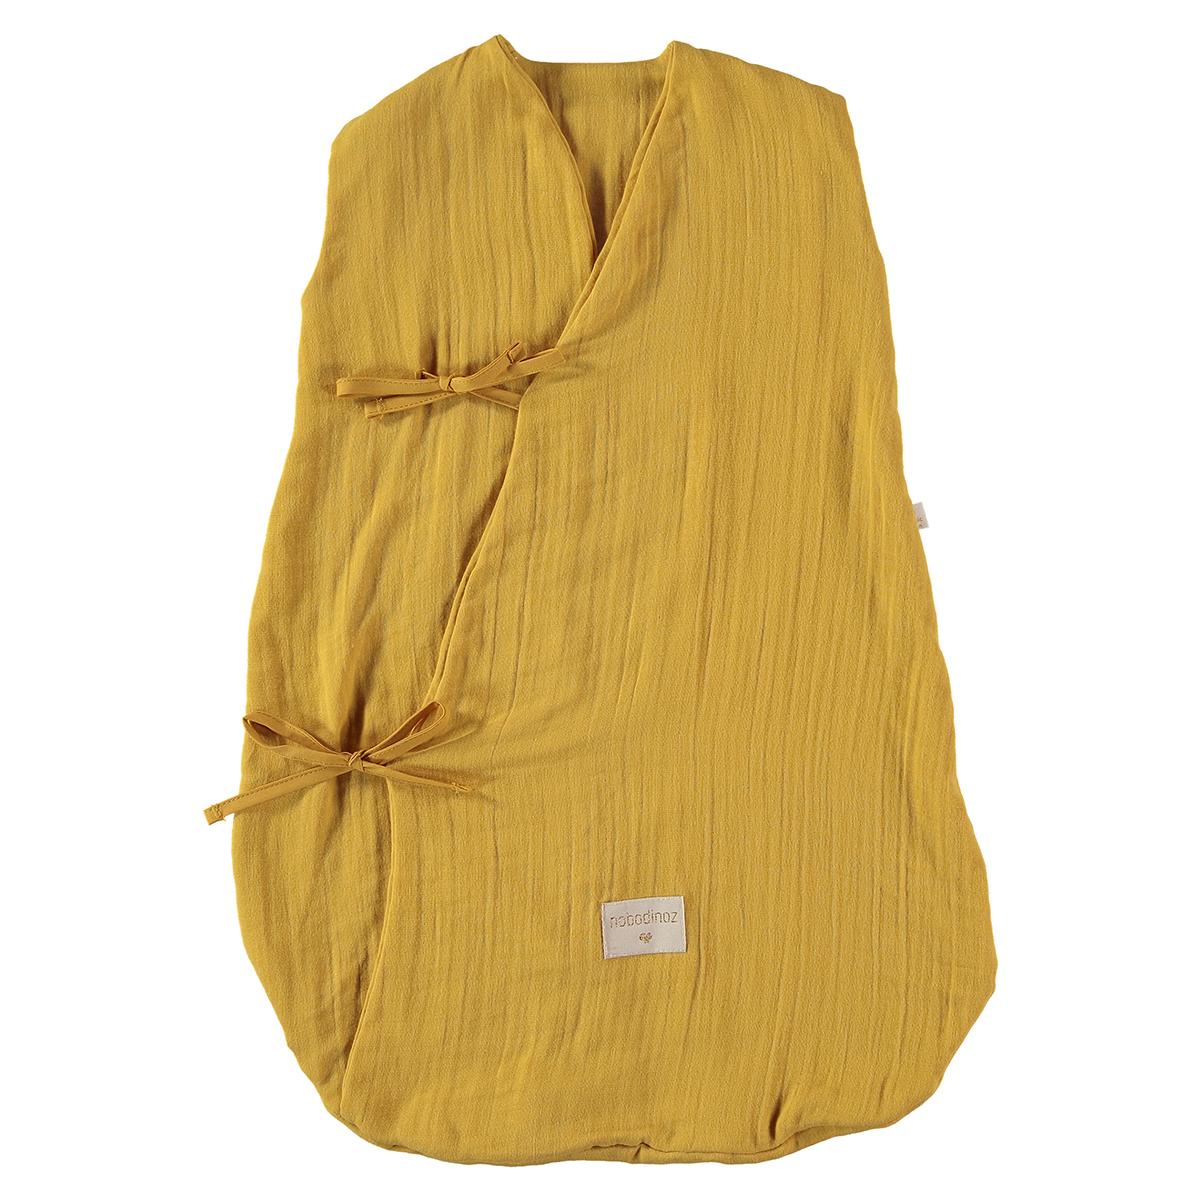 Gigoteuse Gigoteuse Dreamy Farniente Yellow - 0/6 Mois Gigoteuse Dreamy Farniente Yellow - 0/6 Mois